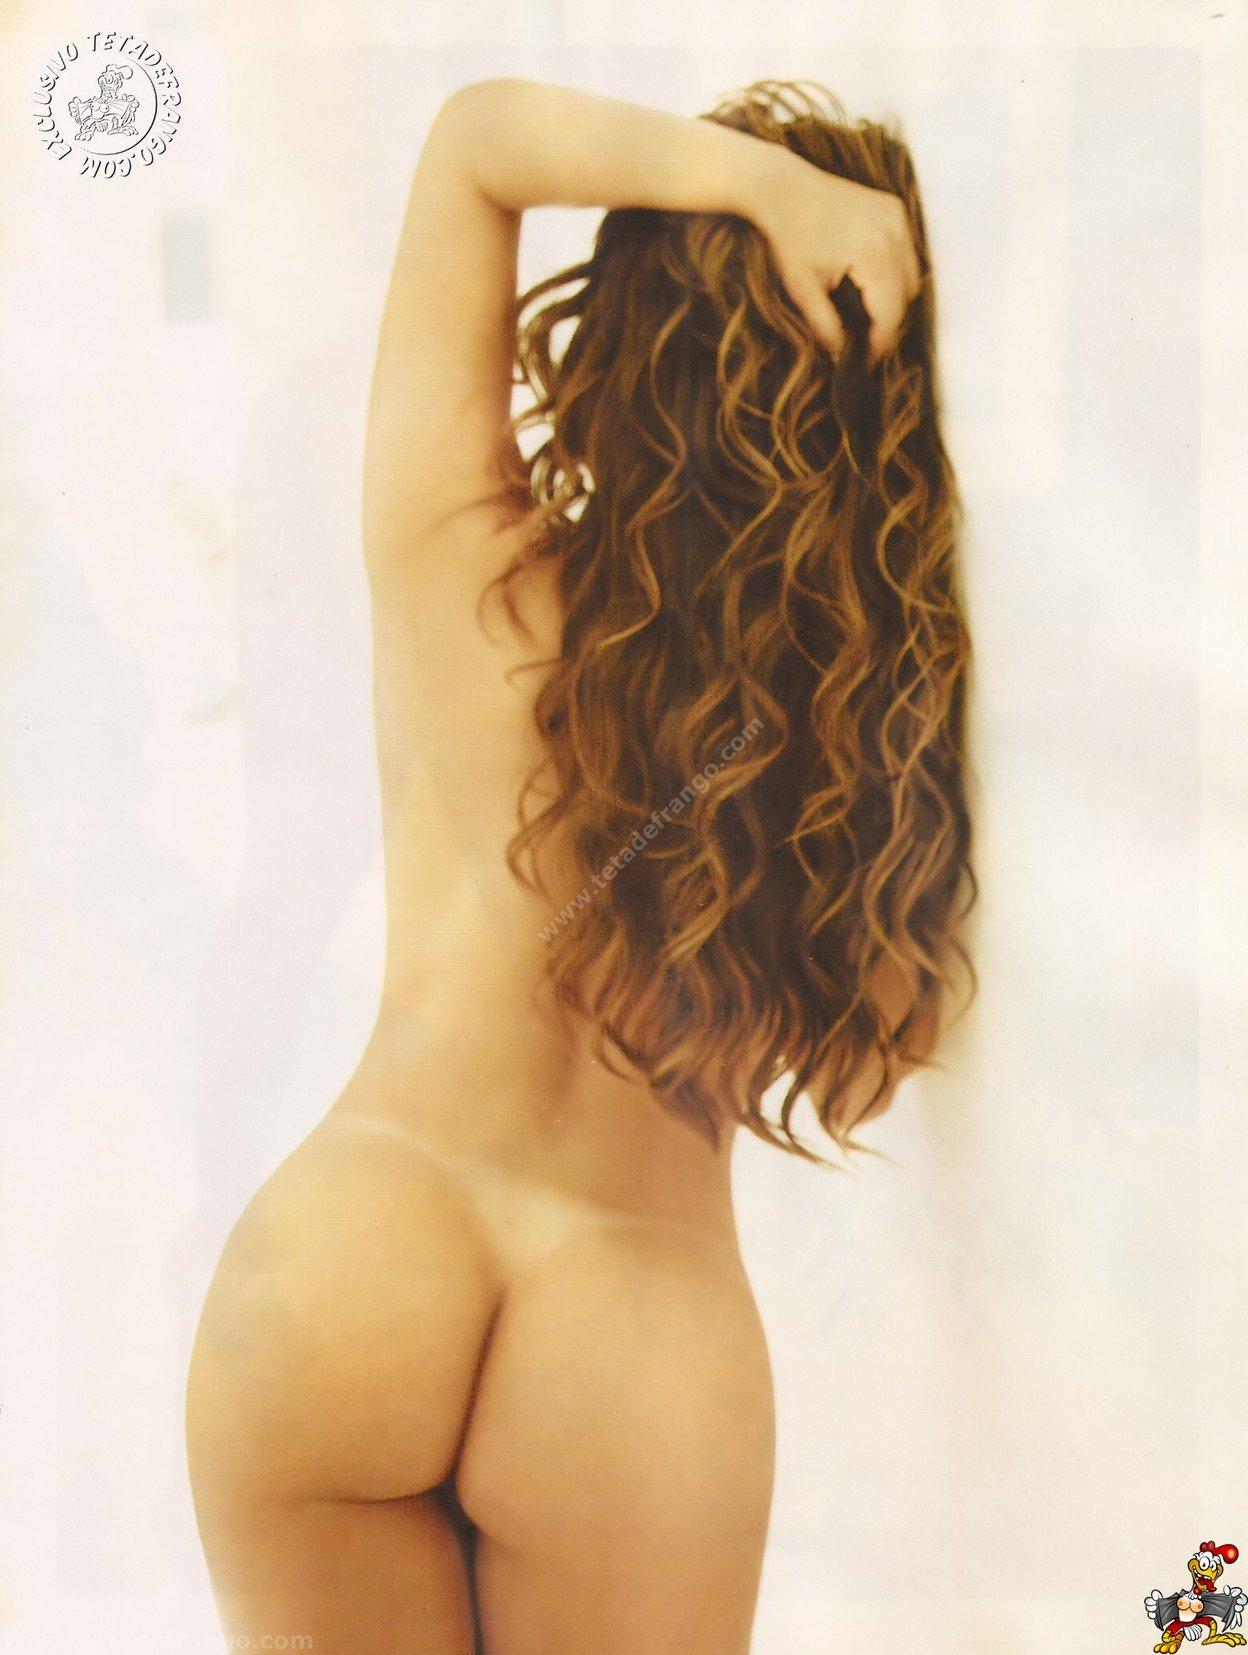 Fotos Playboy Mulher Melão Renata Frisson (18)